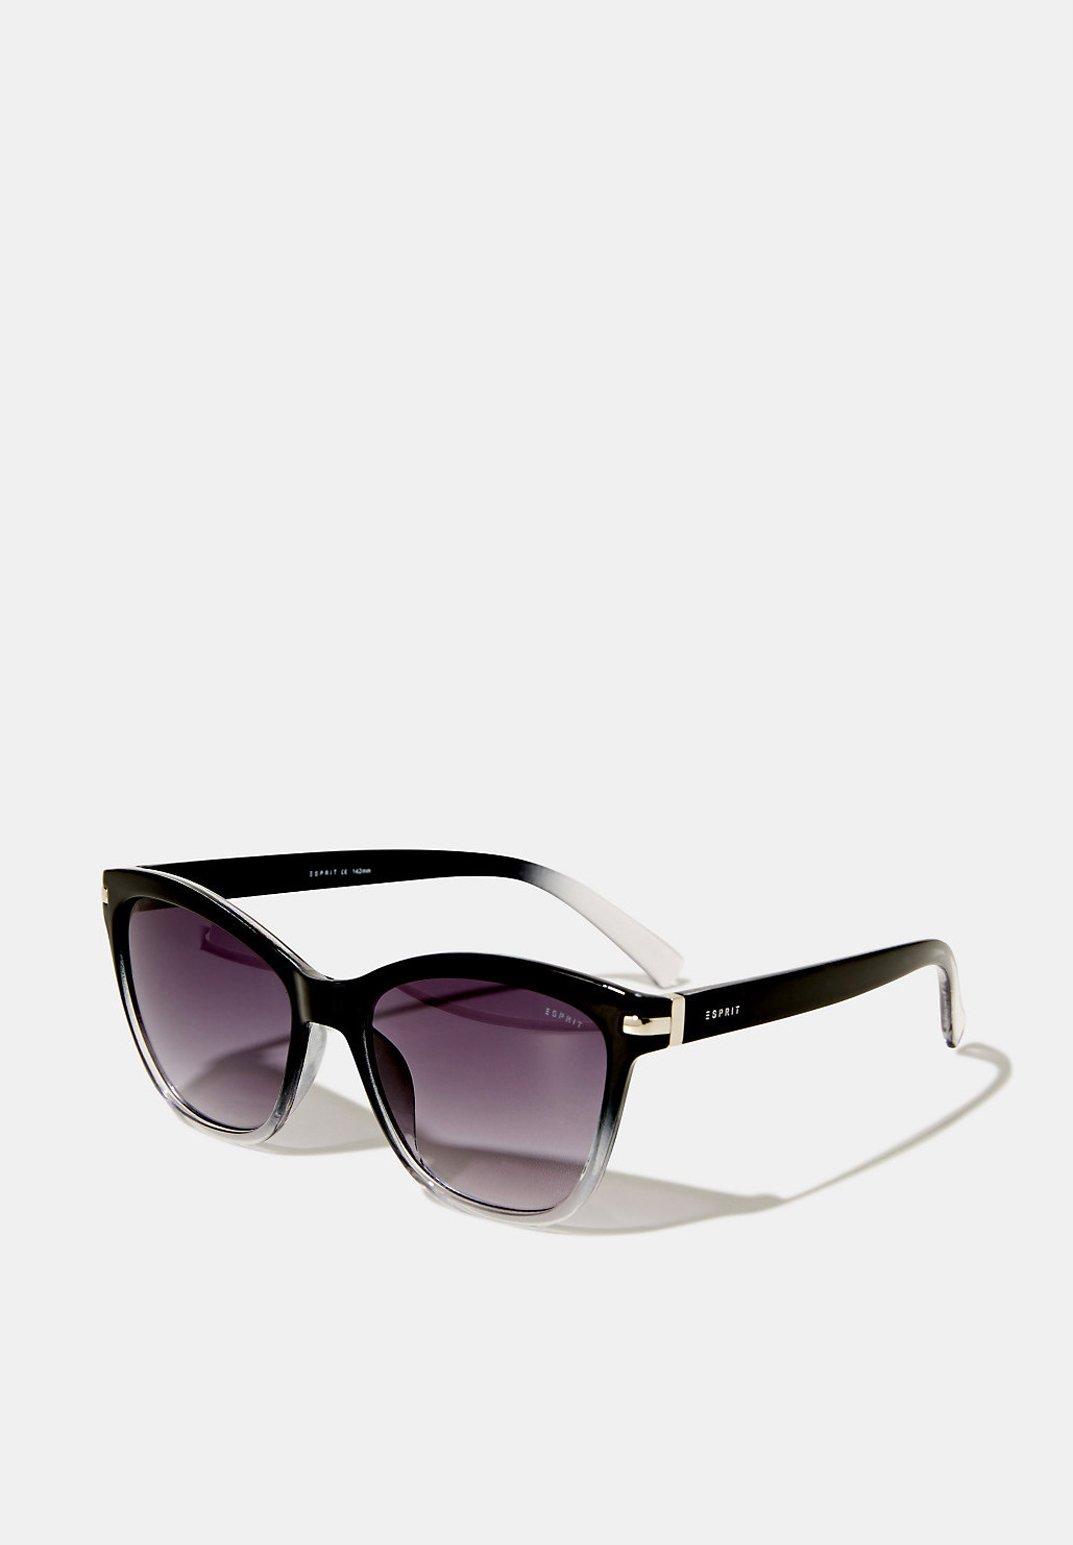 Sonnenbrillen für Damen | Bei Zalando kaufen